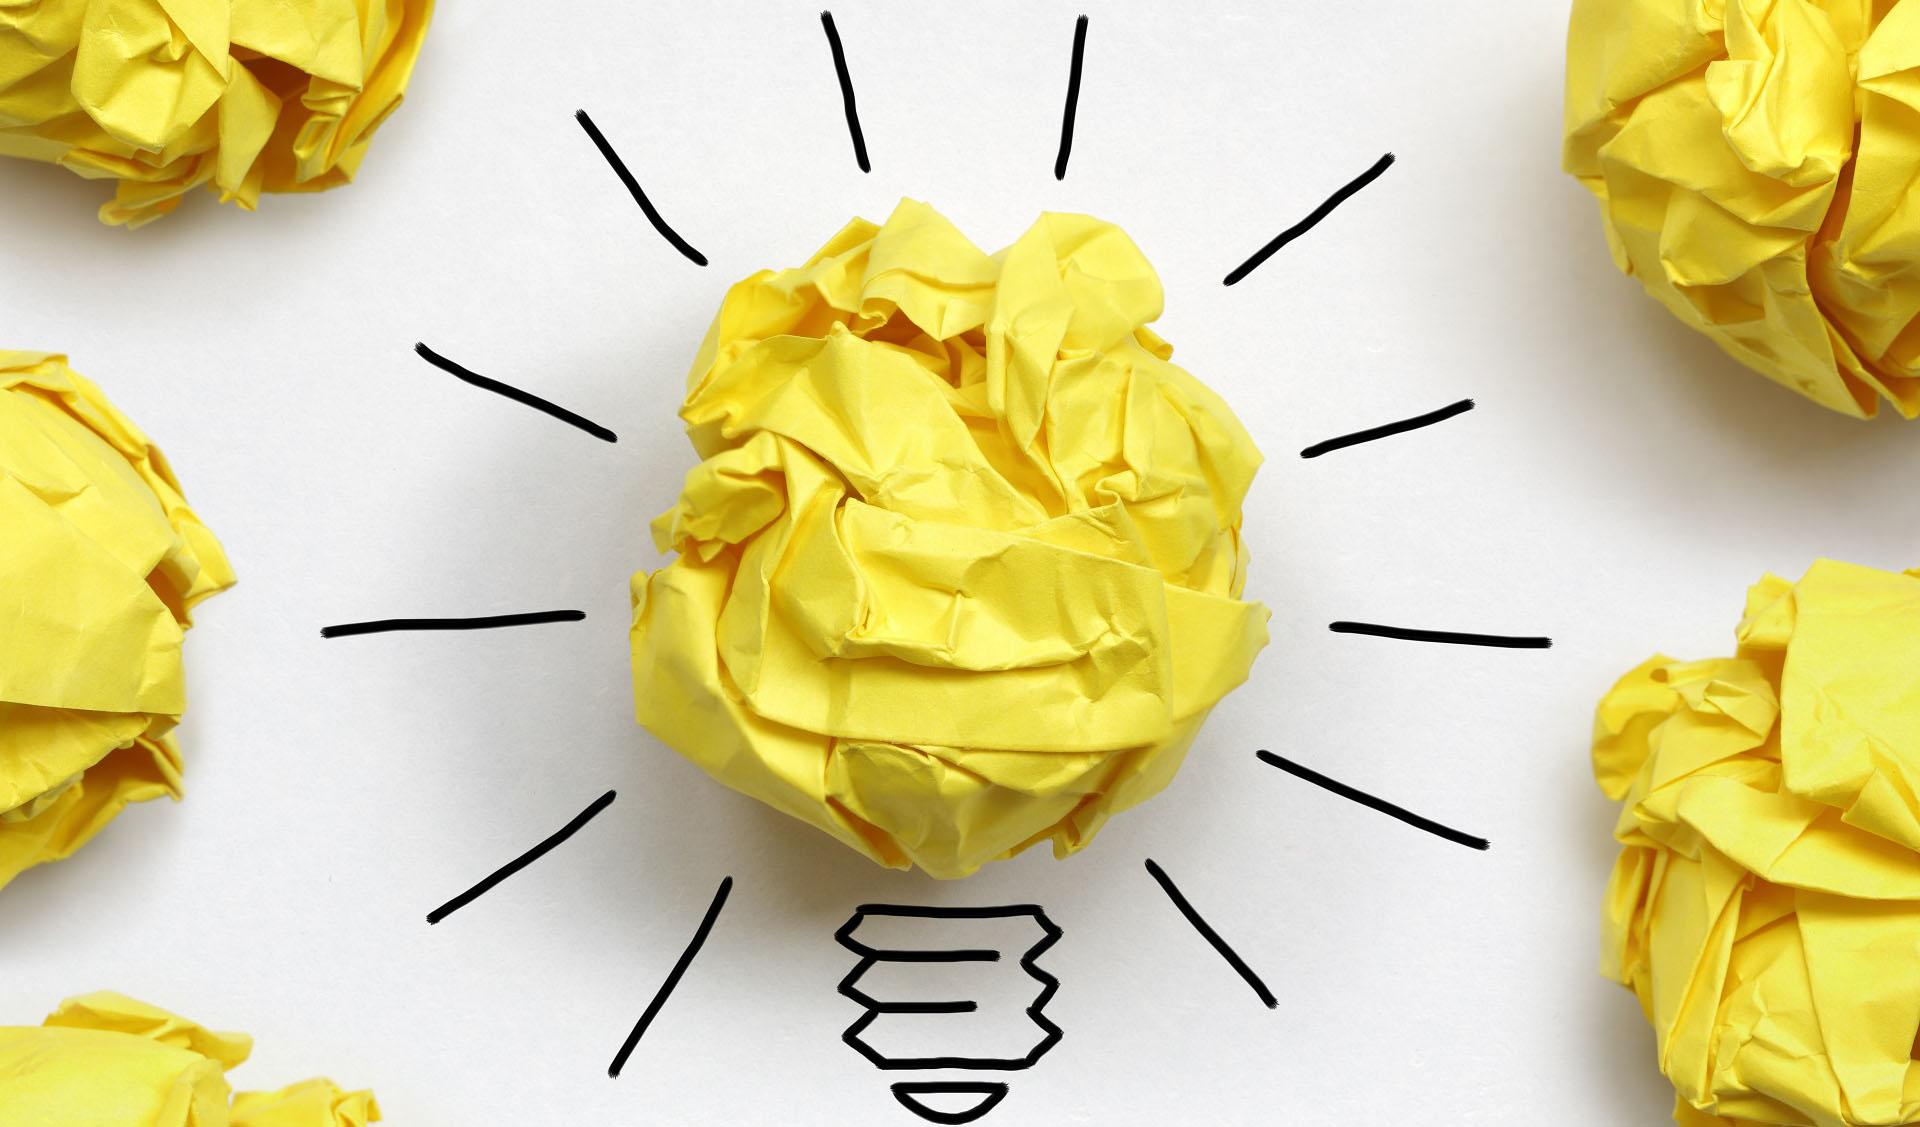 با چالش های درست به کارمندانتان فرصت نوآوری و خلاقیت دهید